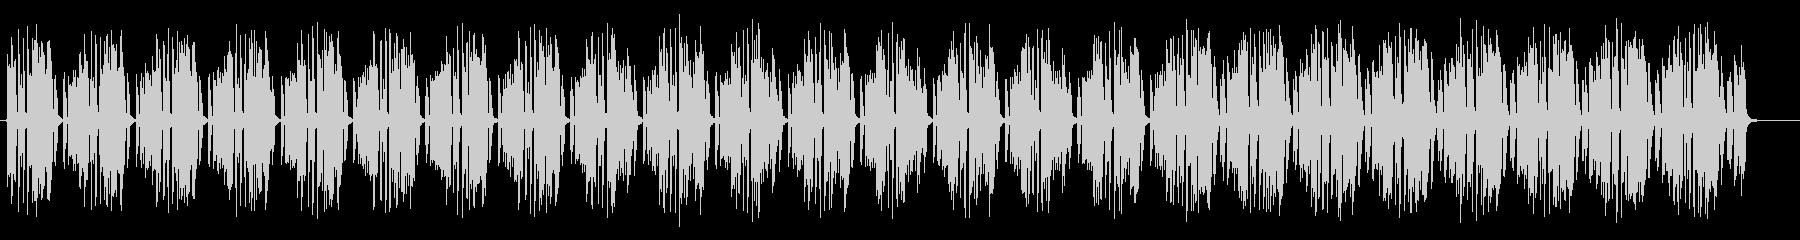 軽快で幻想的なスピリチュアルサウンドの未再生の波形